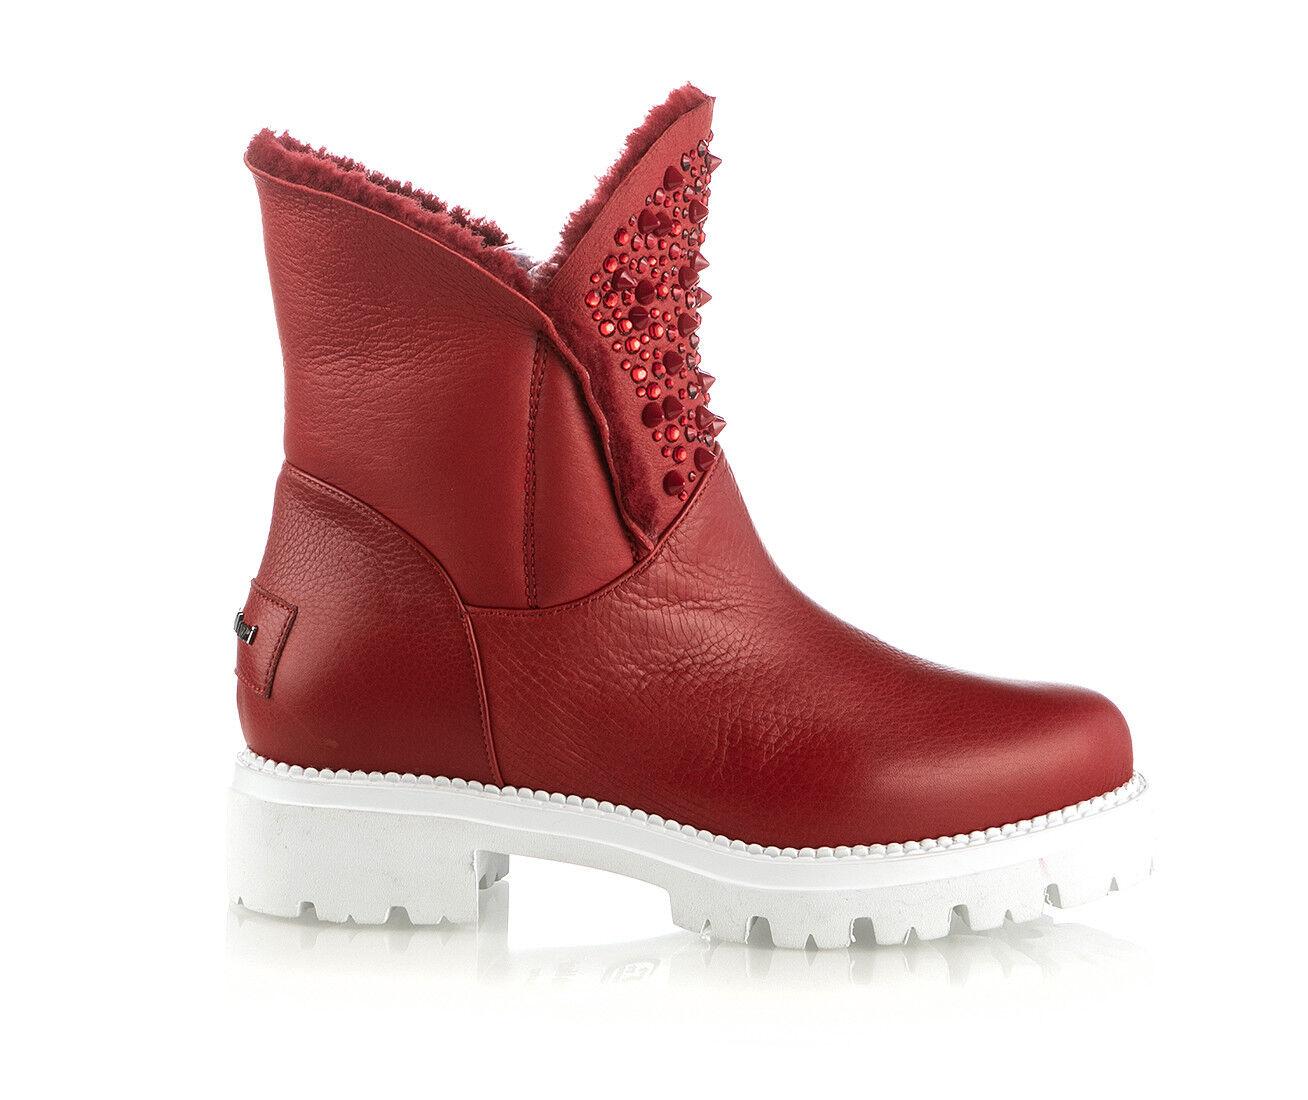 Nuova lista Authentic Nando Muzi Italian Designer Leather scarpe rosso Dimensiones 6,7,8,9,10,11 6,7,8,9,10,11 6,7,8,9,10,11  a buon mercato